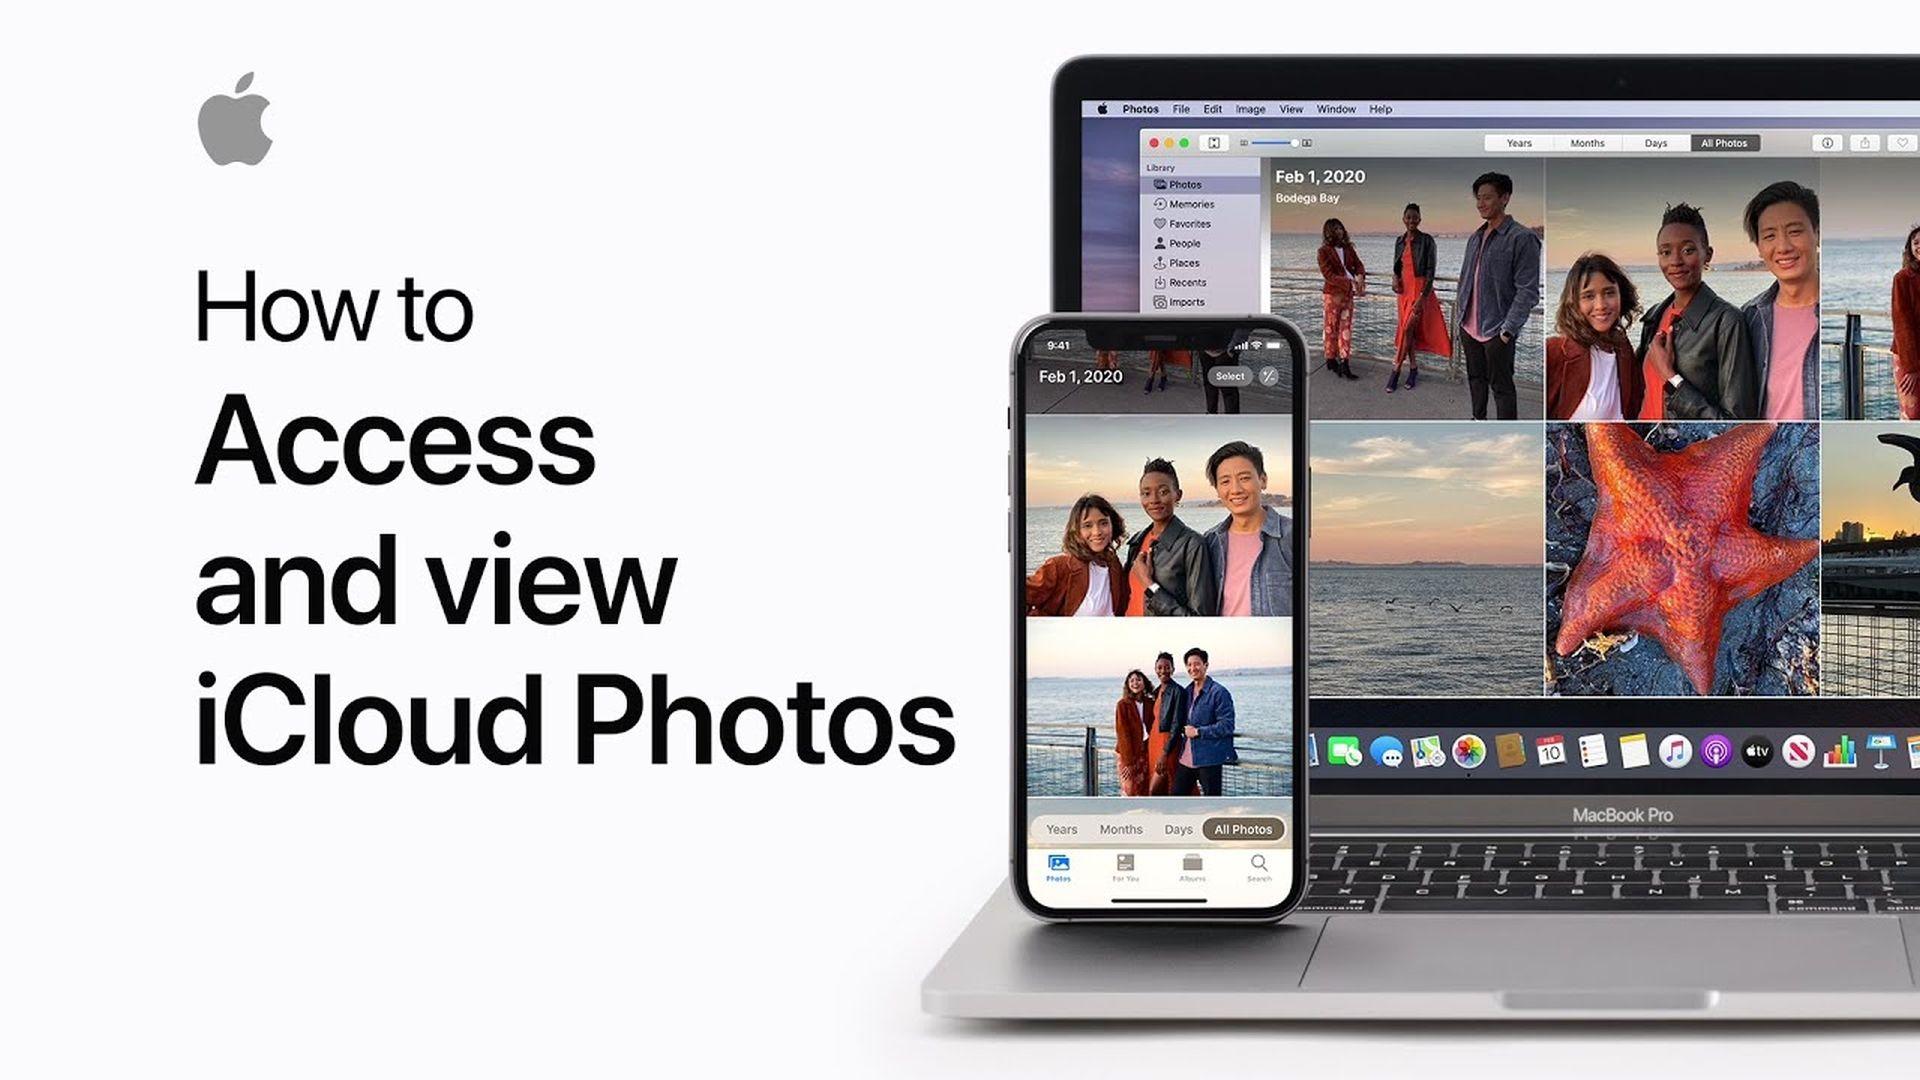 Poradnik Apple: W jaki sposób przeglądać zdjęcia w iCloud